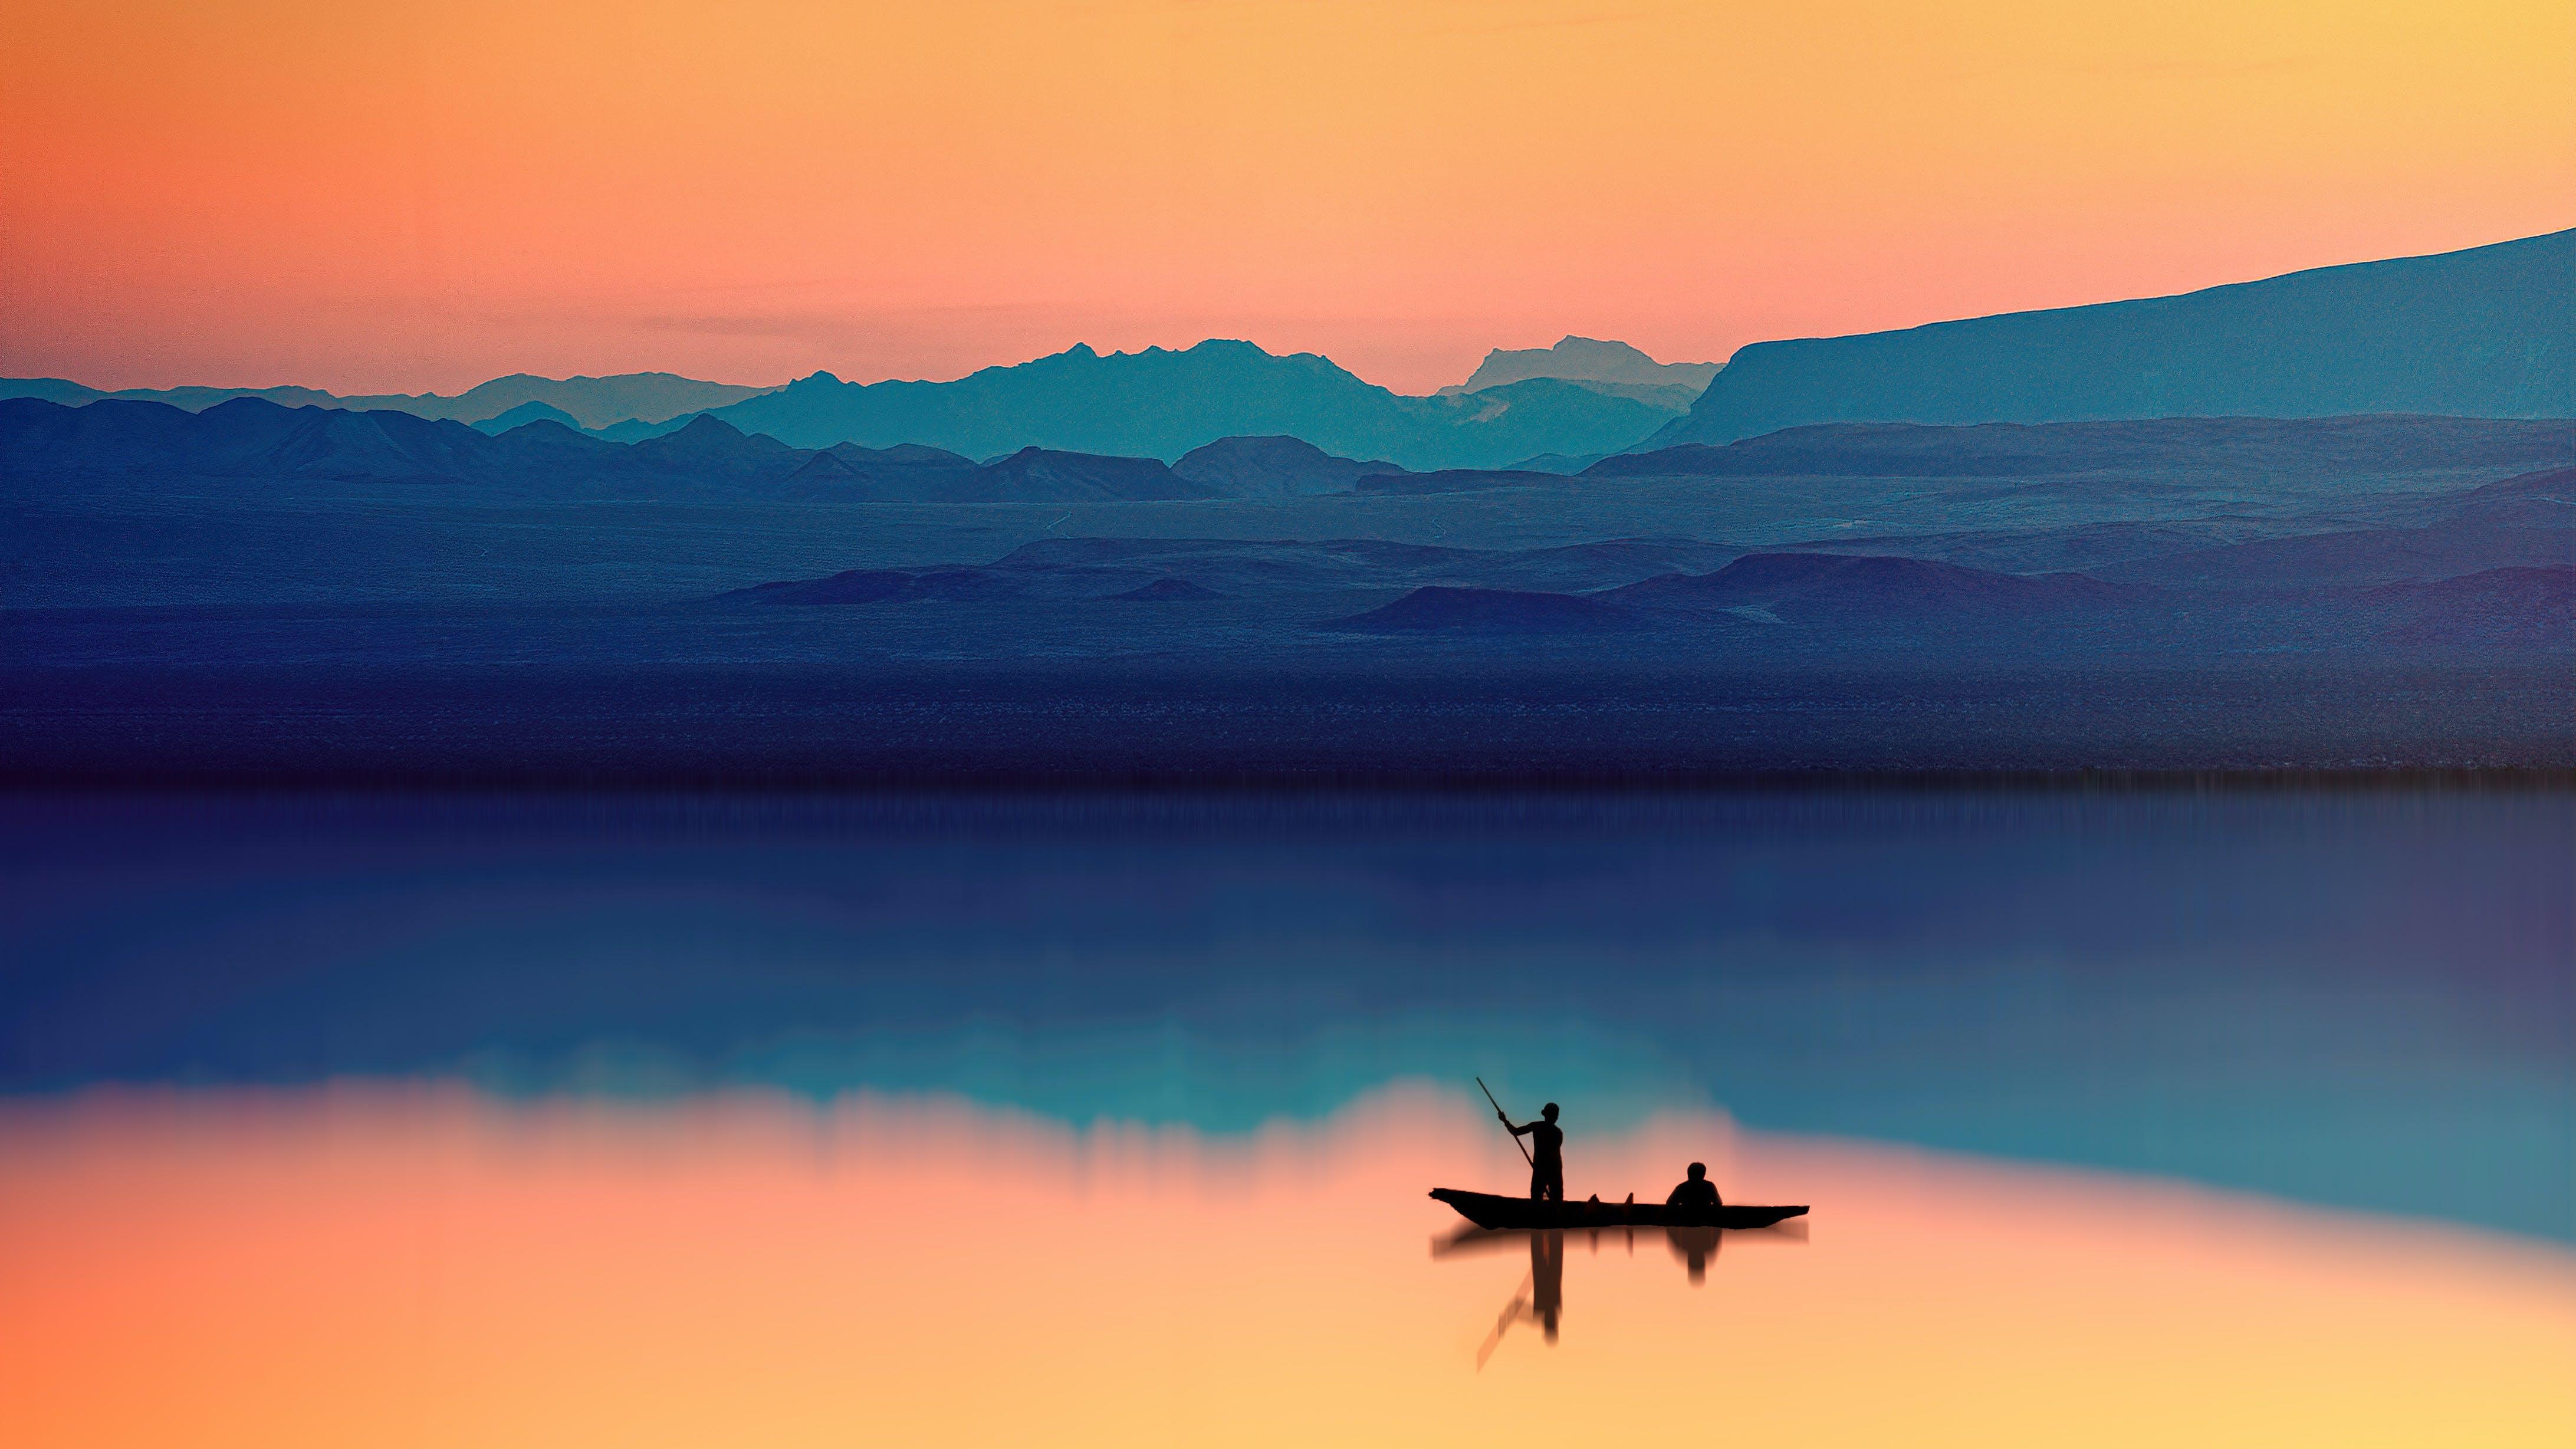 Kostenloses Stock Foto zu abend, angeln, berg, boot